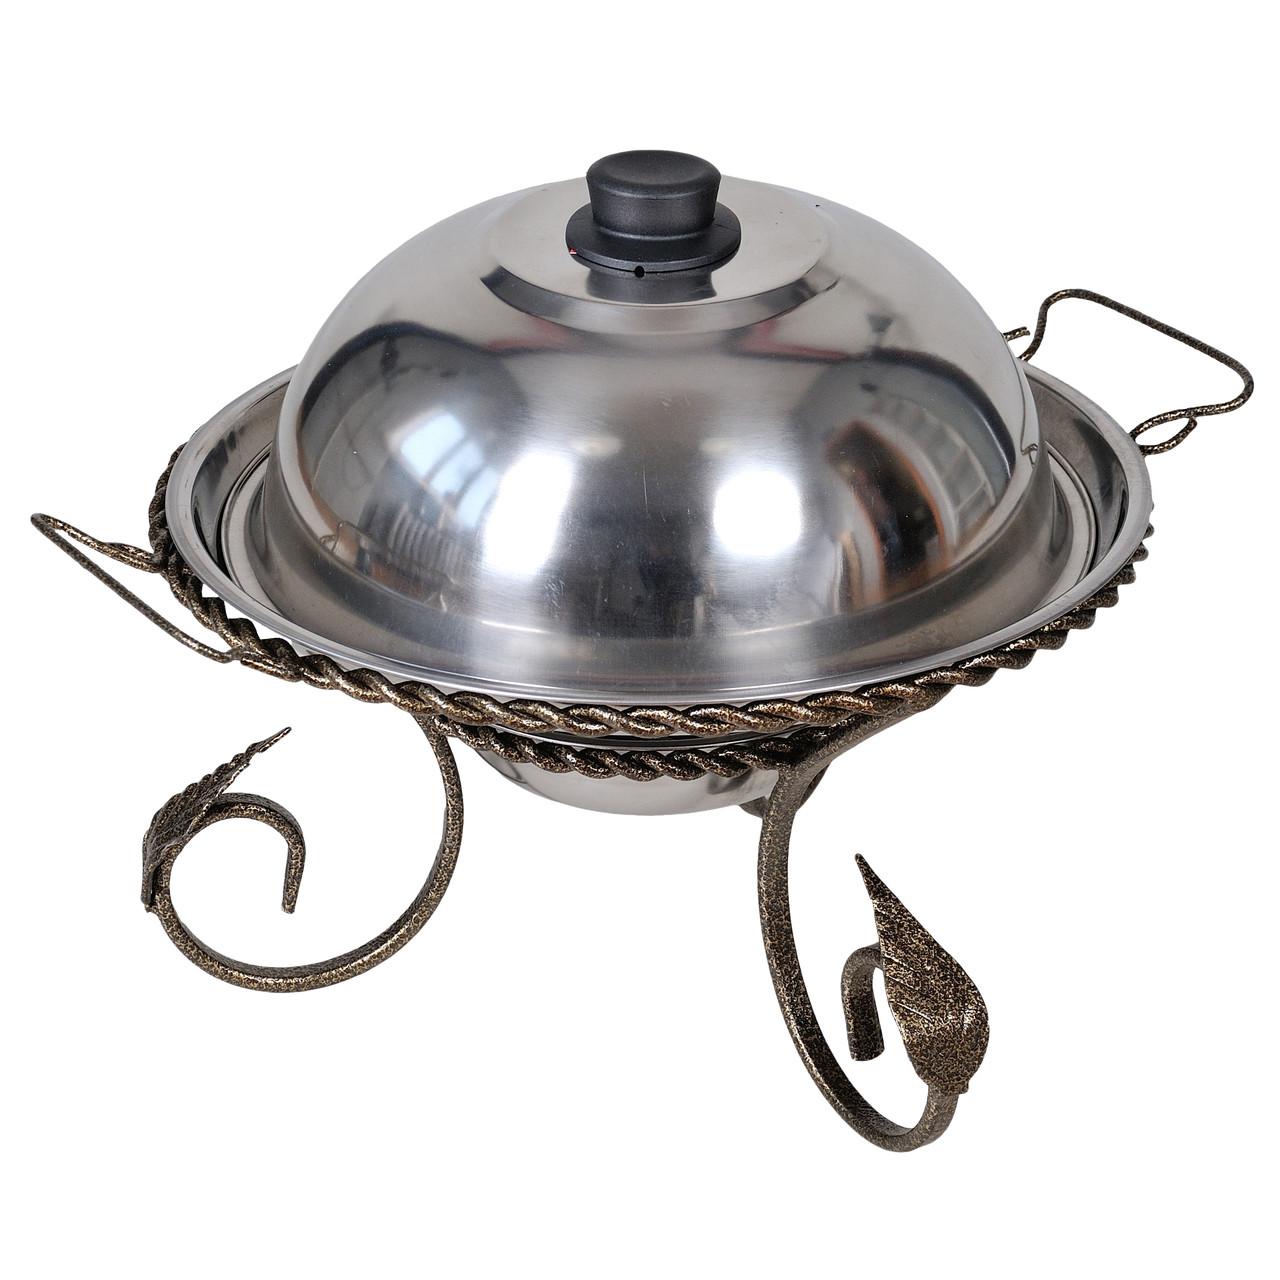 Підставка для підігріву м'яса шашлику Садж з кованими елементами 280 мм + кришка (з нержавіючої сталі)